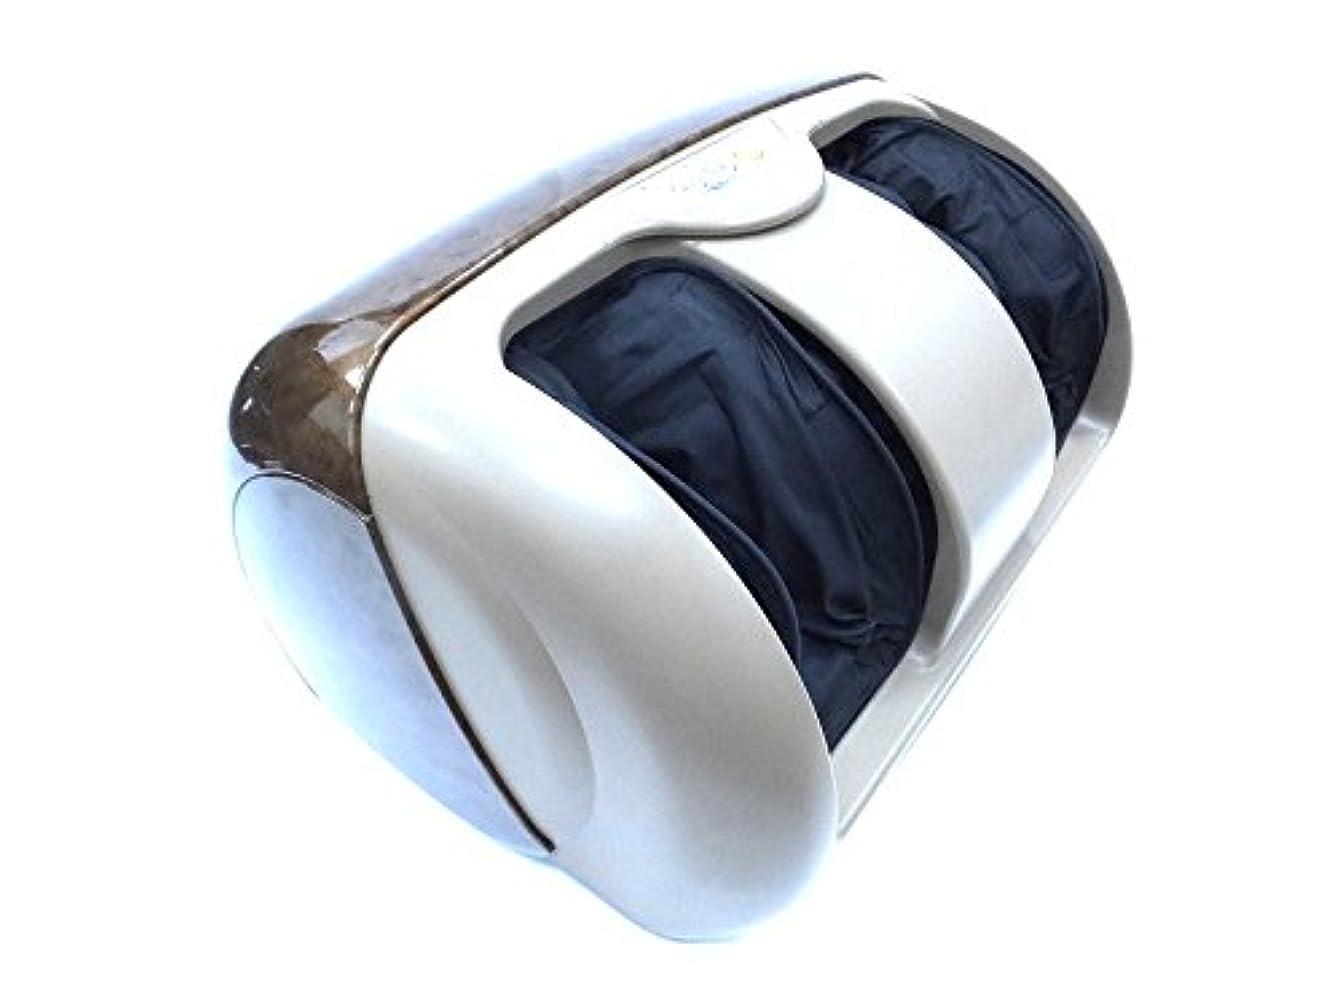 ウィスキー減らす羨望フランス総合医療 マルタカテクノ RF01 リフレフット フットマッサージャー (家庭用足マッサージ機)